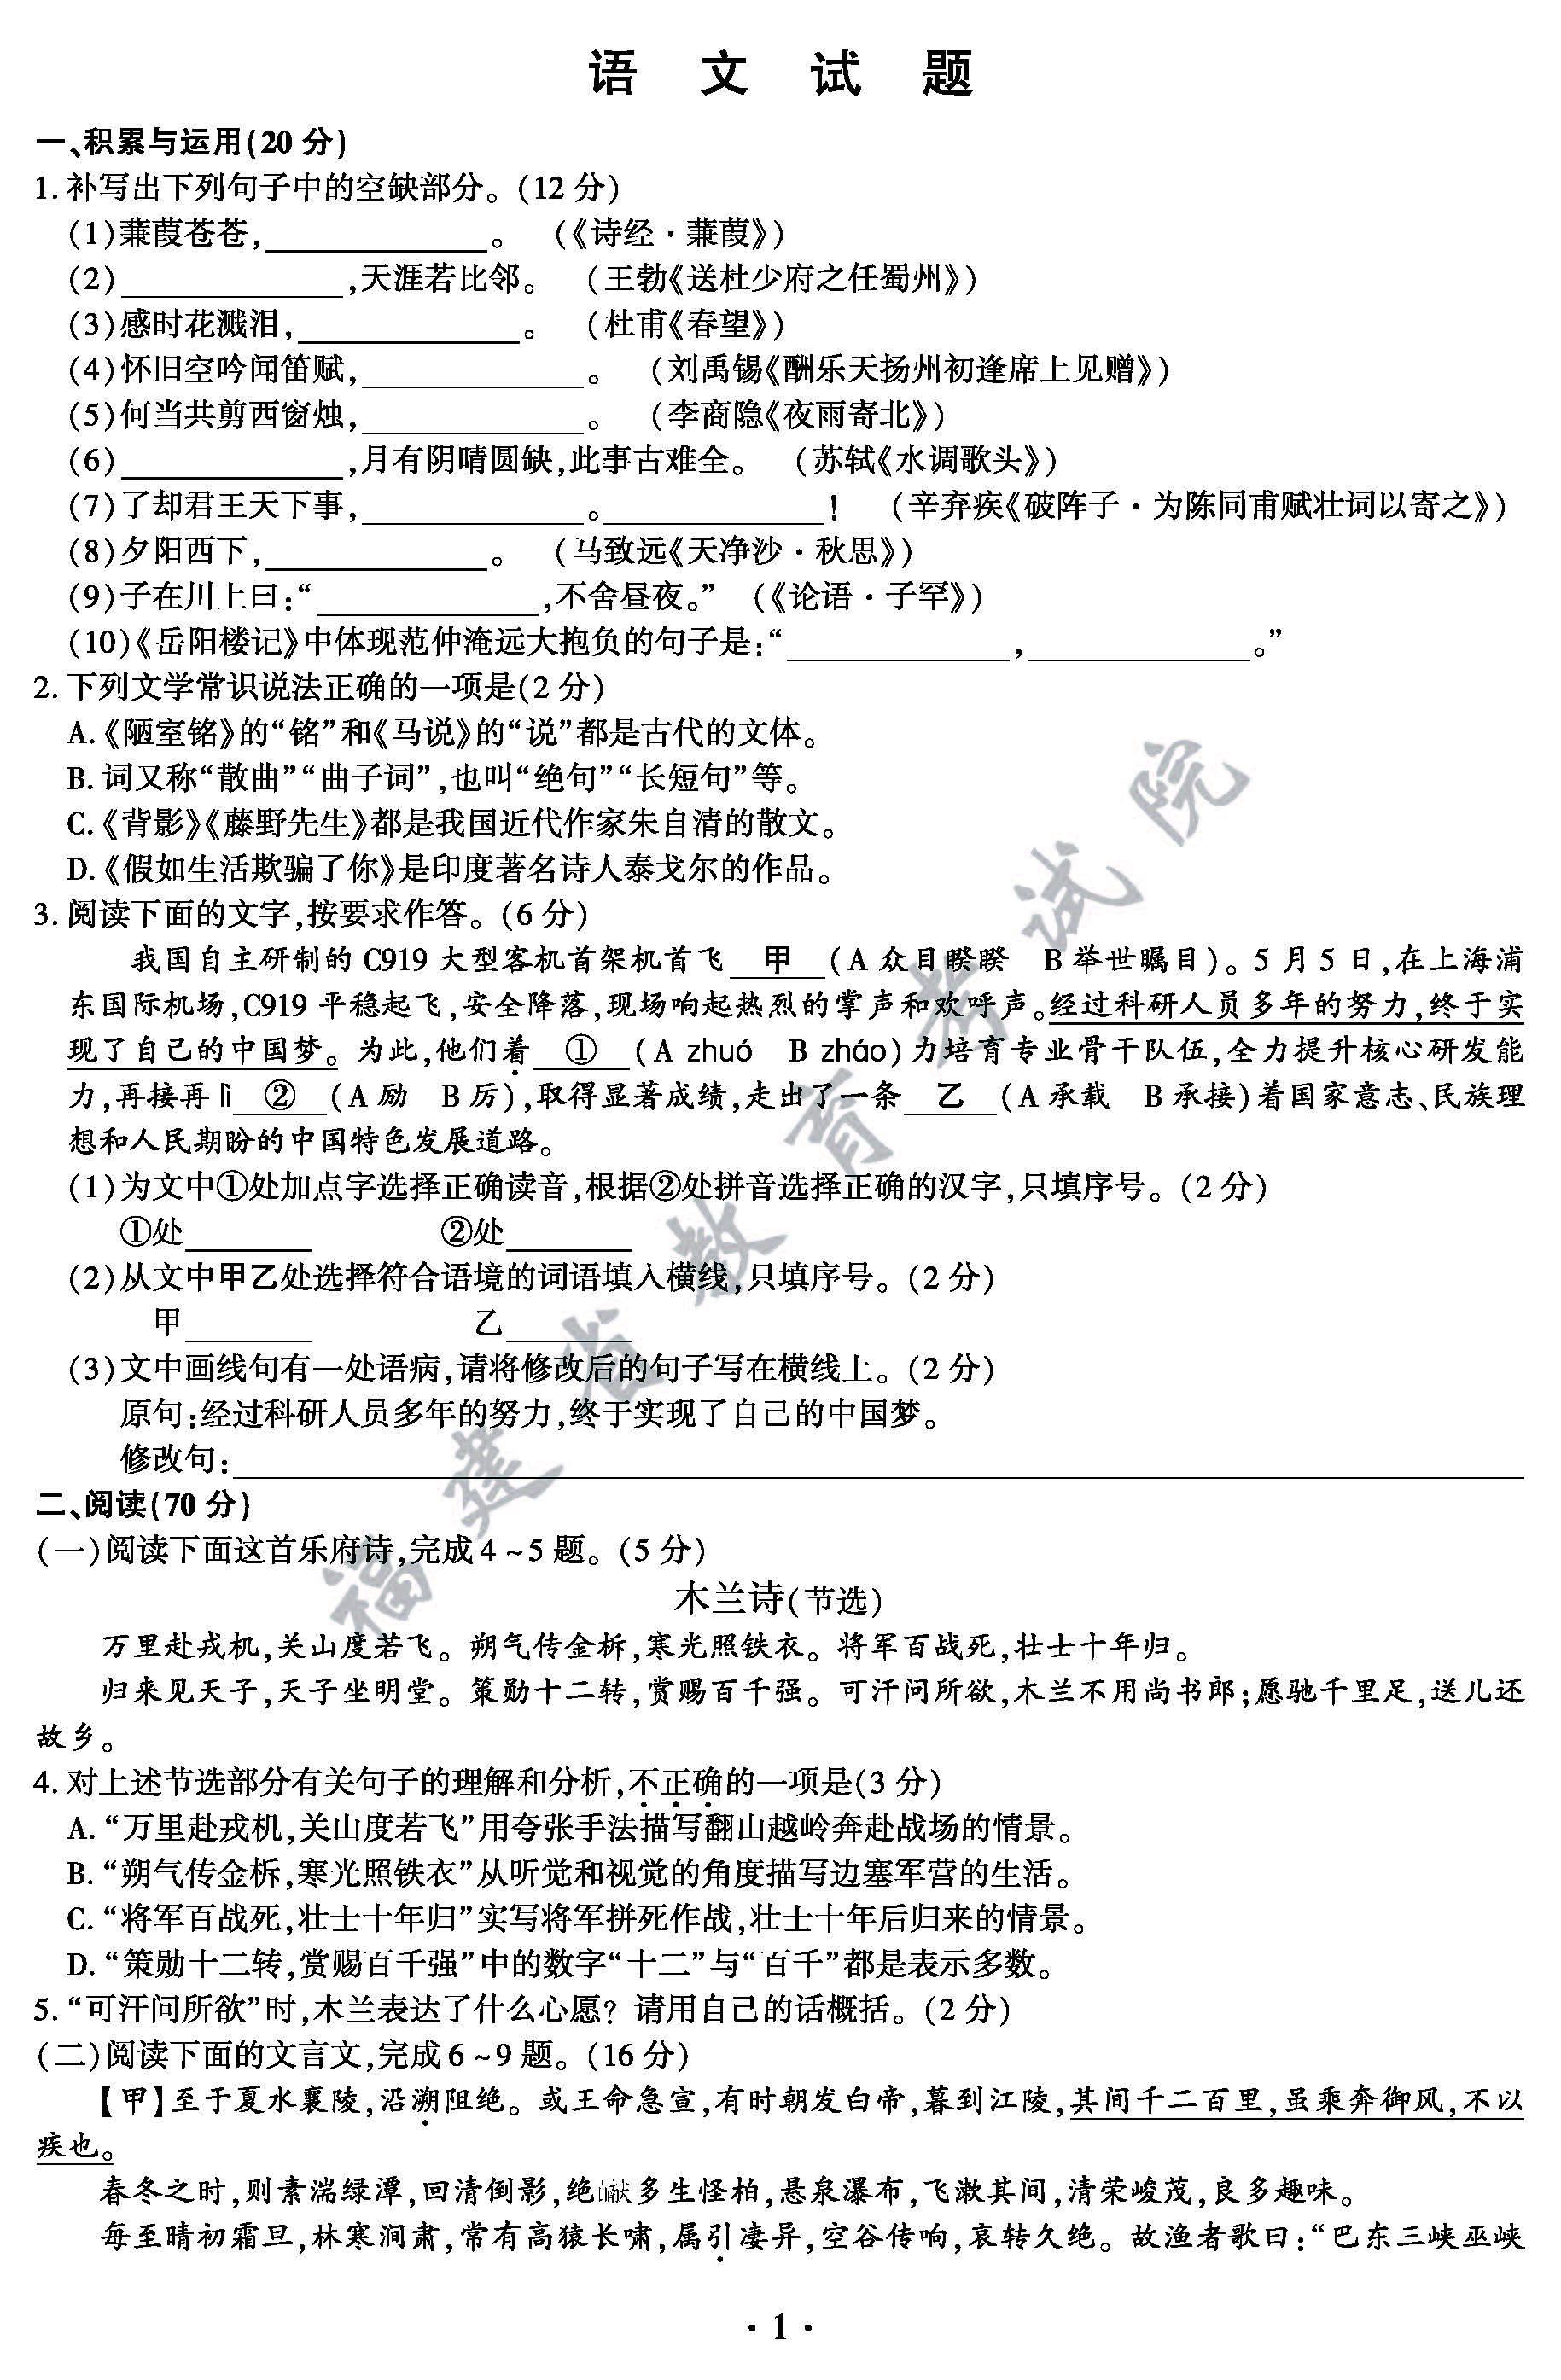 2017福建中考语文试题及答案解析(图片版含答案)